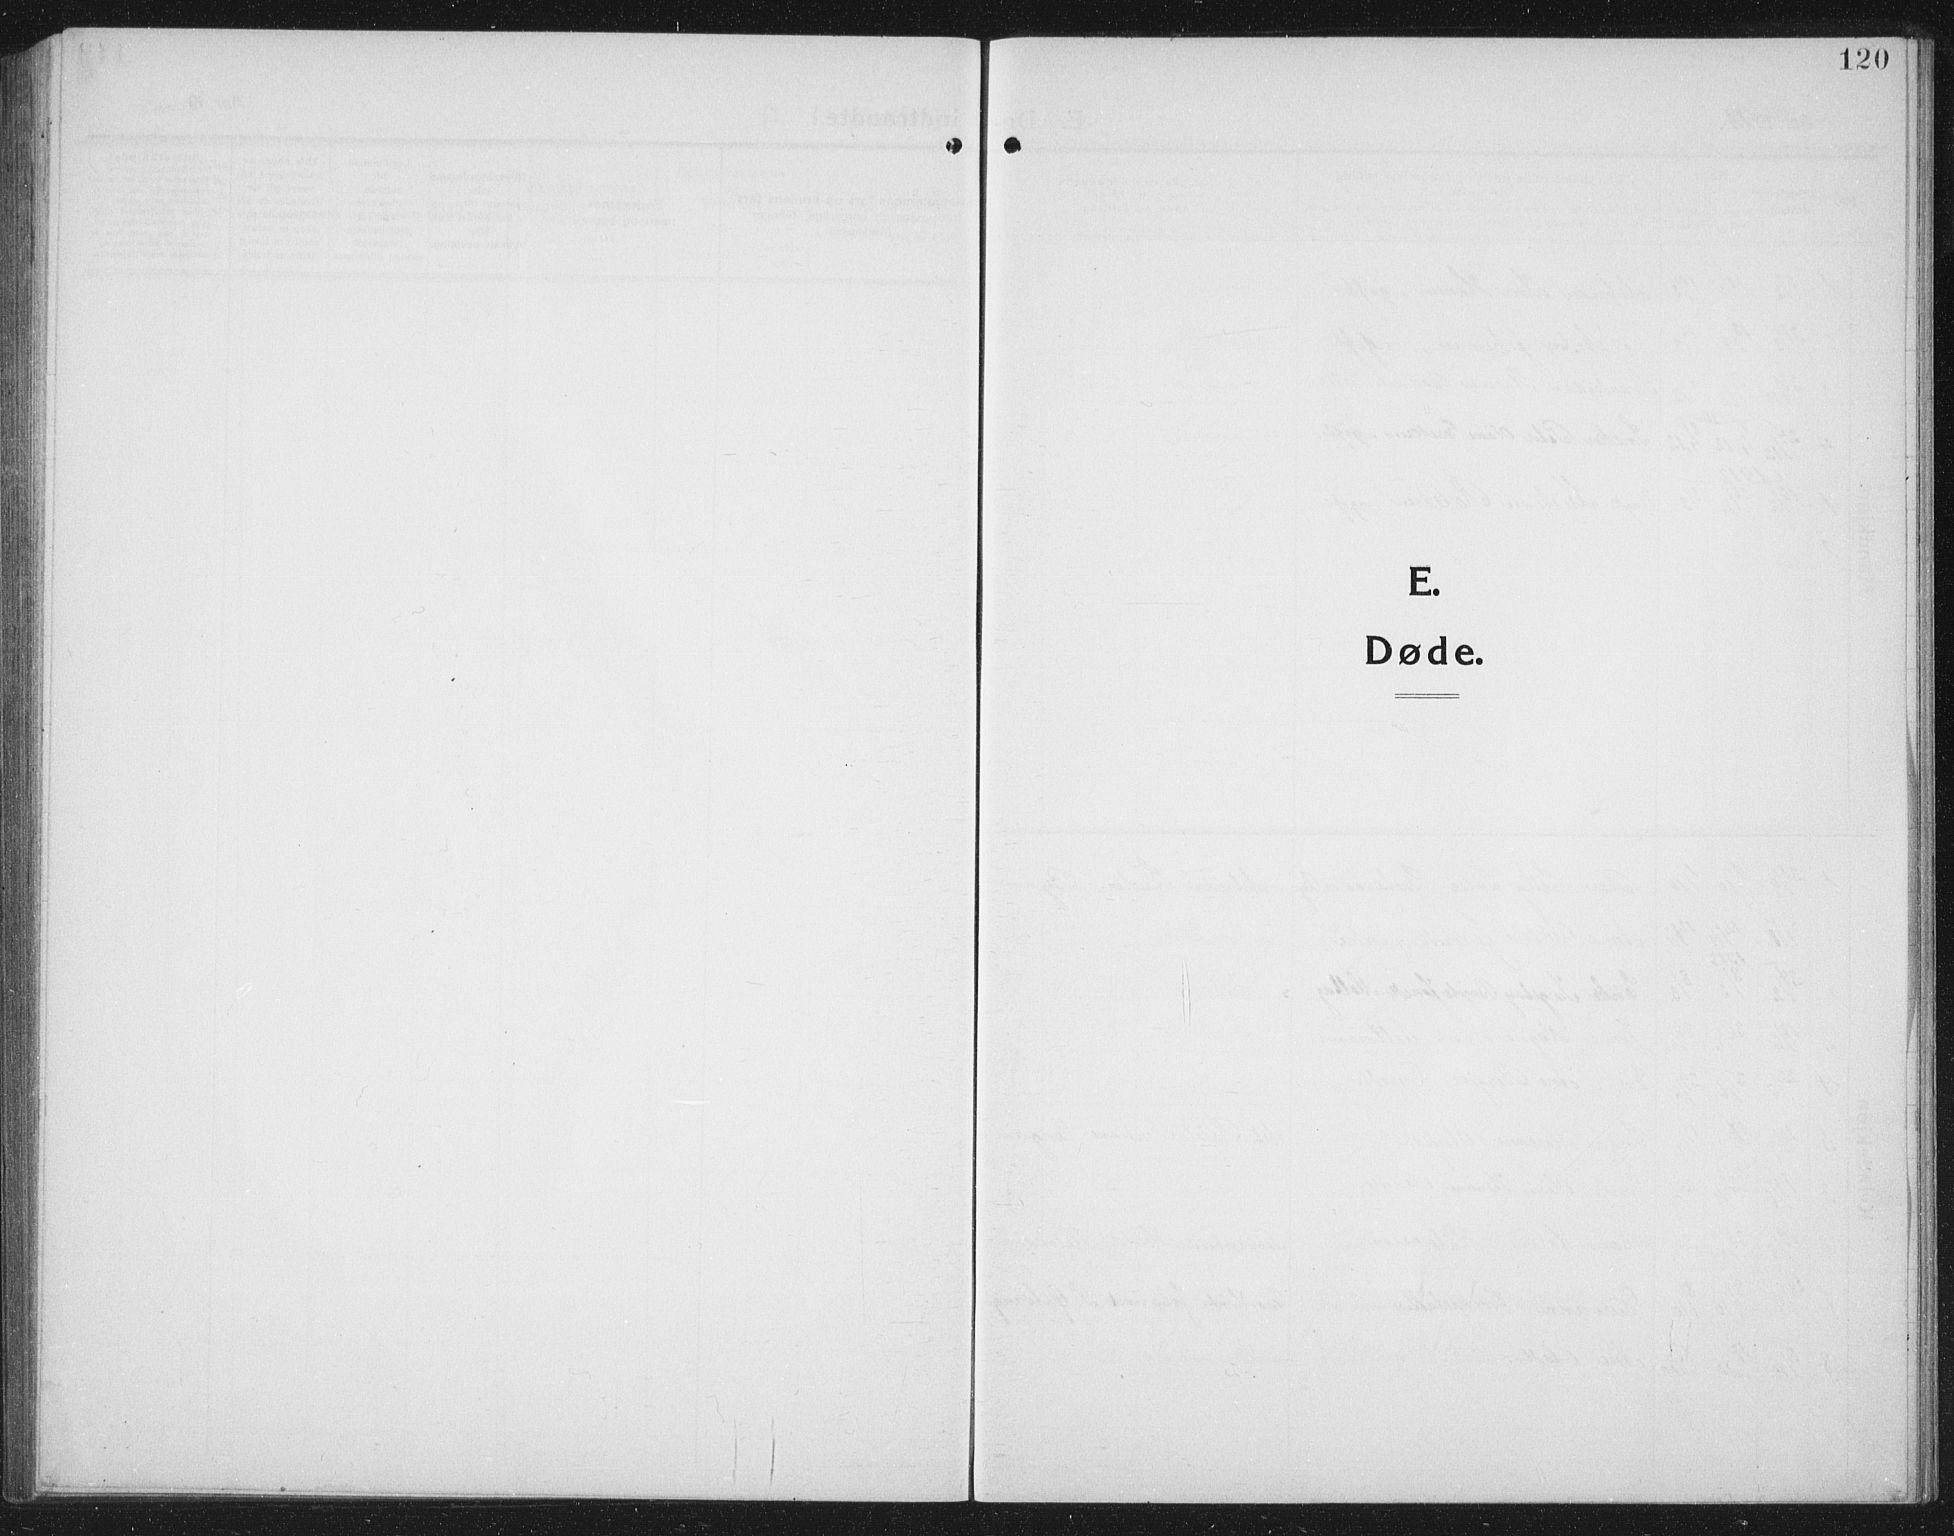 SAT, Ministerialprotokoller, klokkerbøker og fødselsregistre - Nord-Trøndelag, 731/L0312: Klokkerbok nr. 731C03, 1911-1935, s. 120